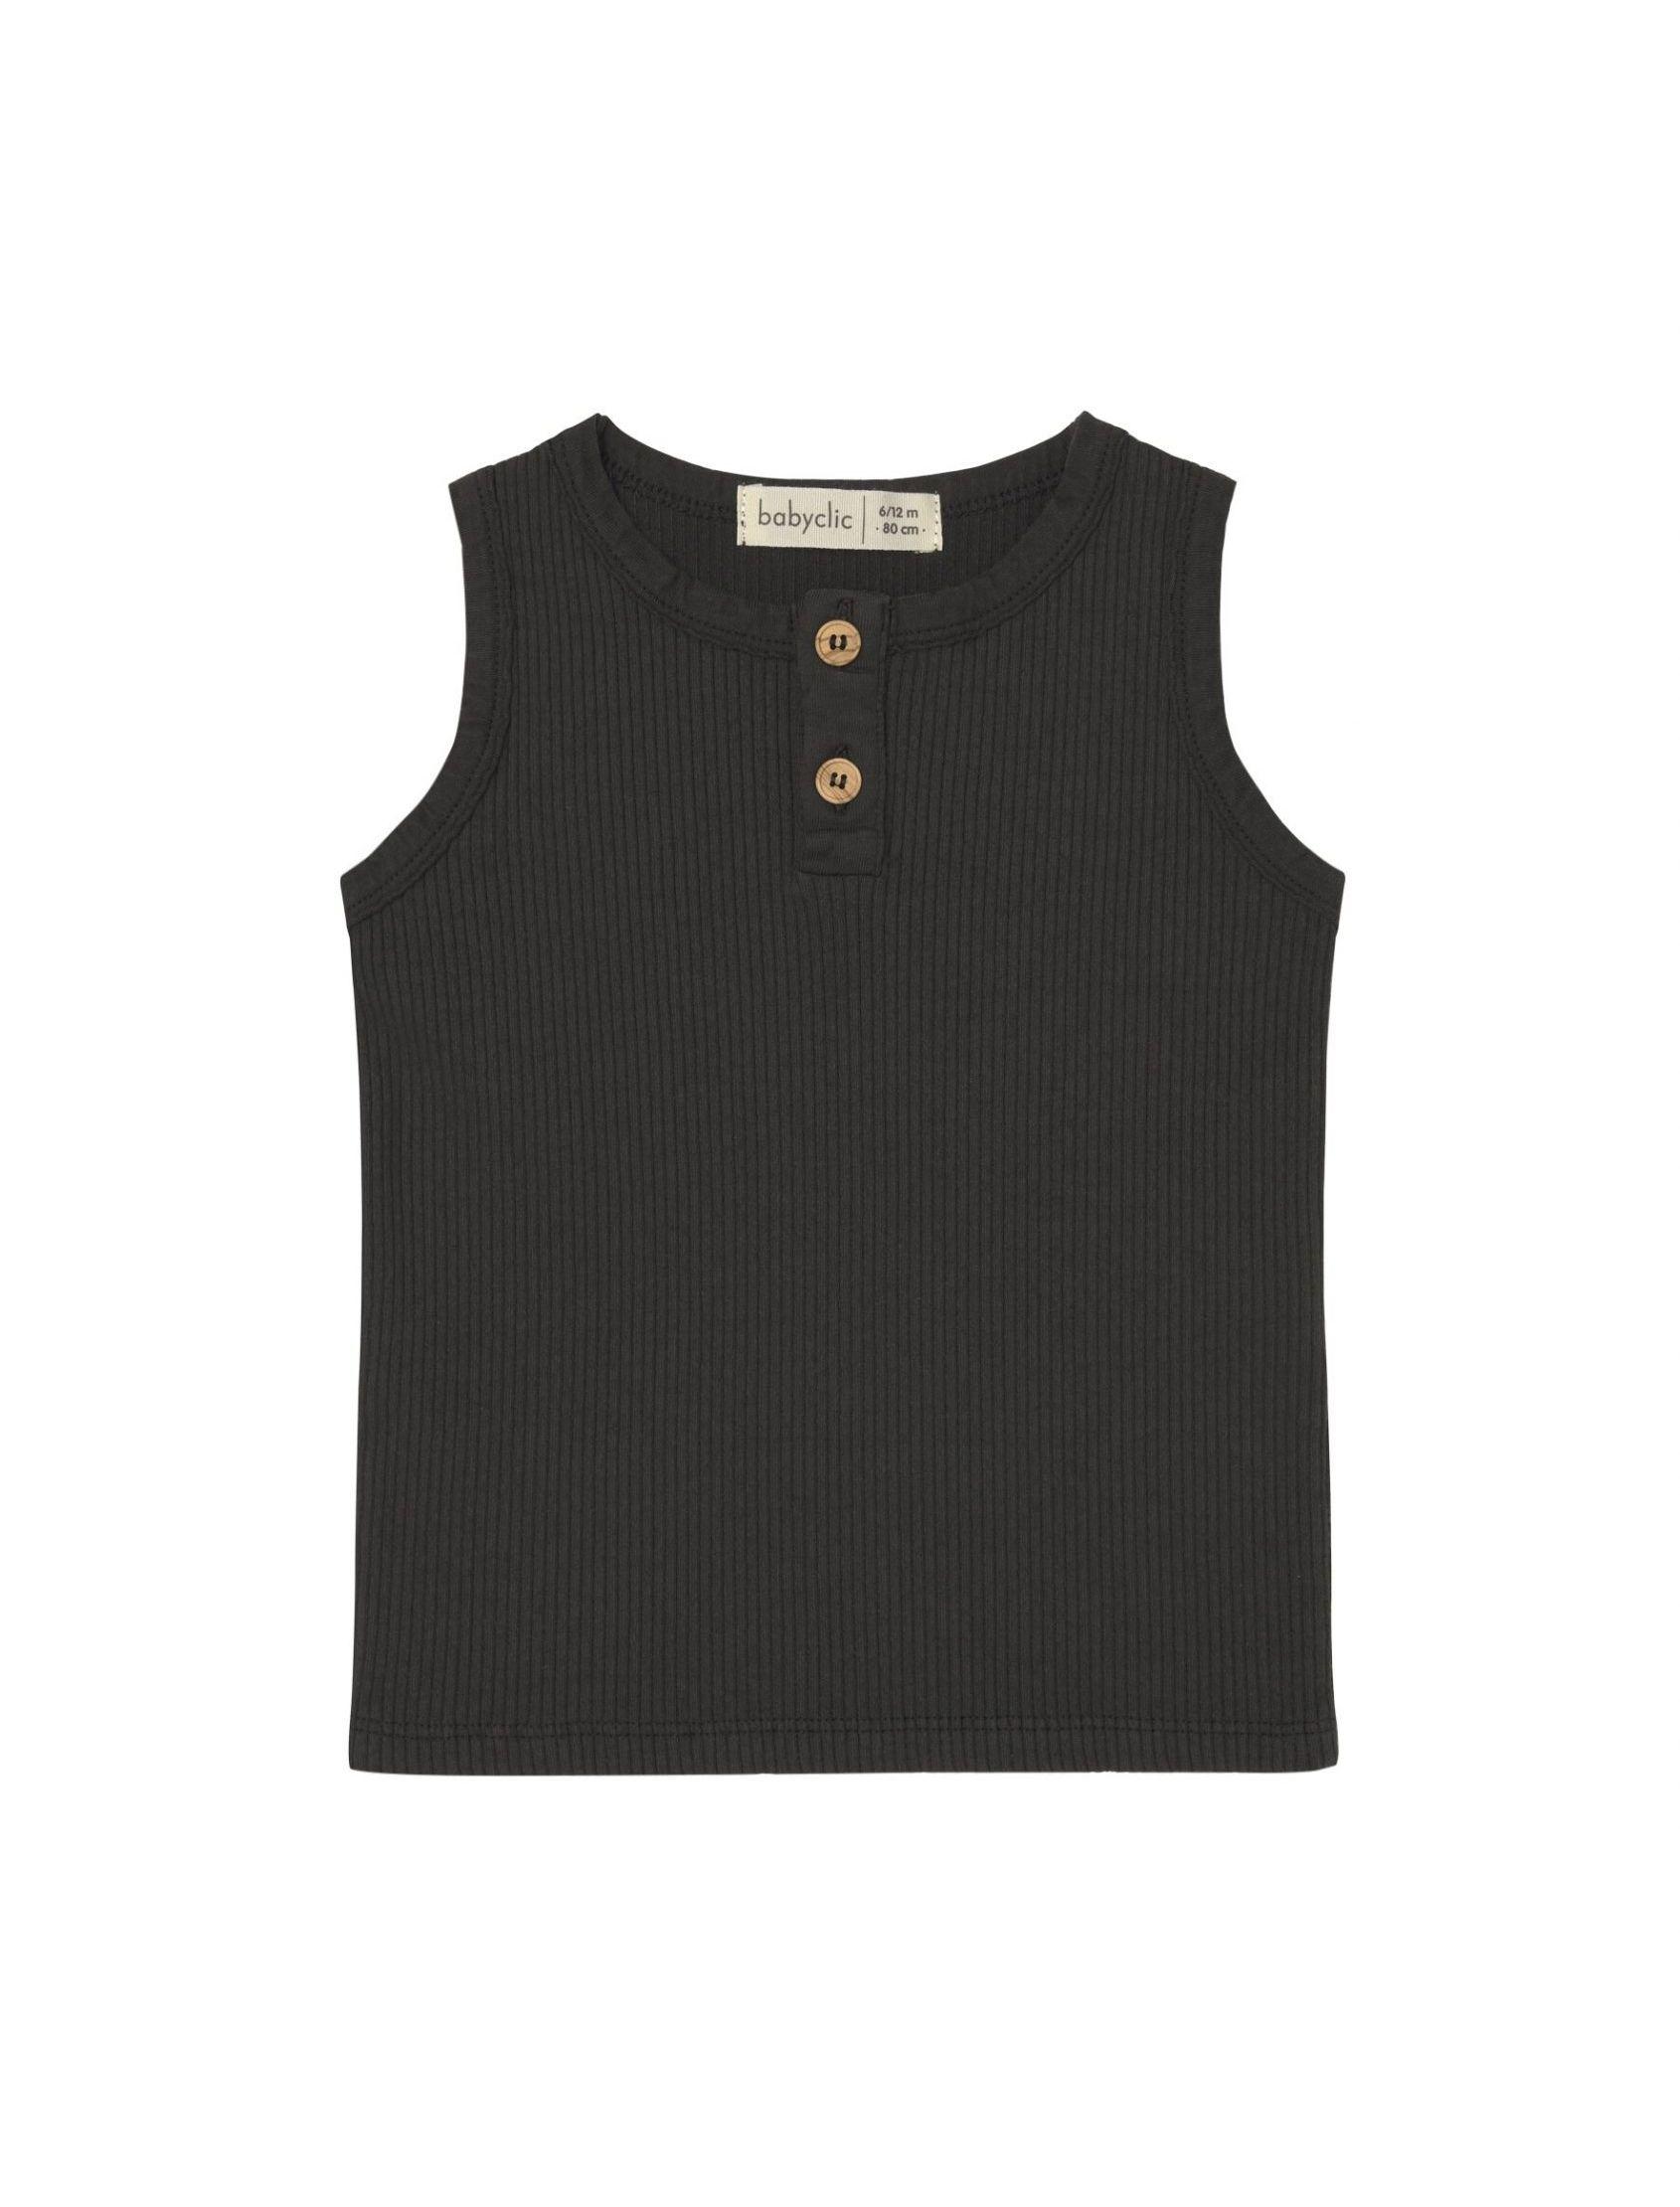 camiseta rib básica en color negro de tirantes con apertura de botones en camel